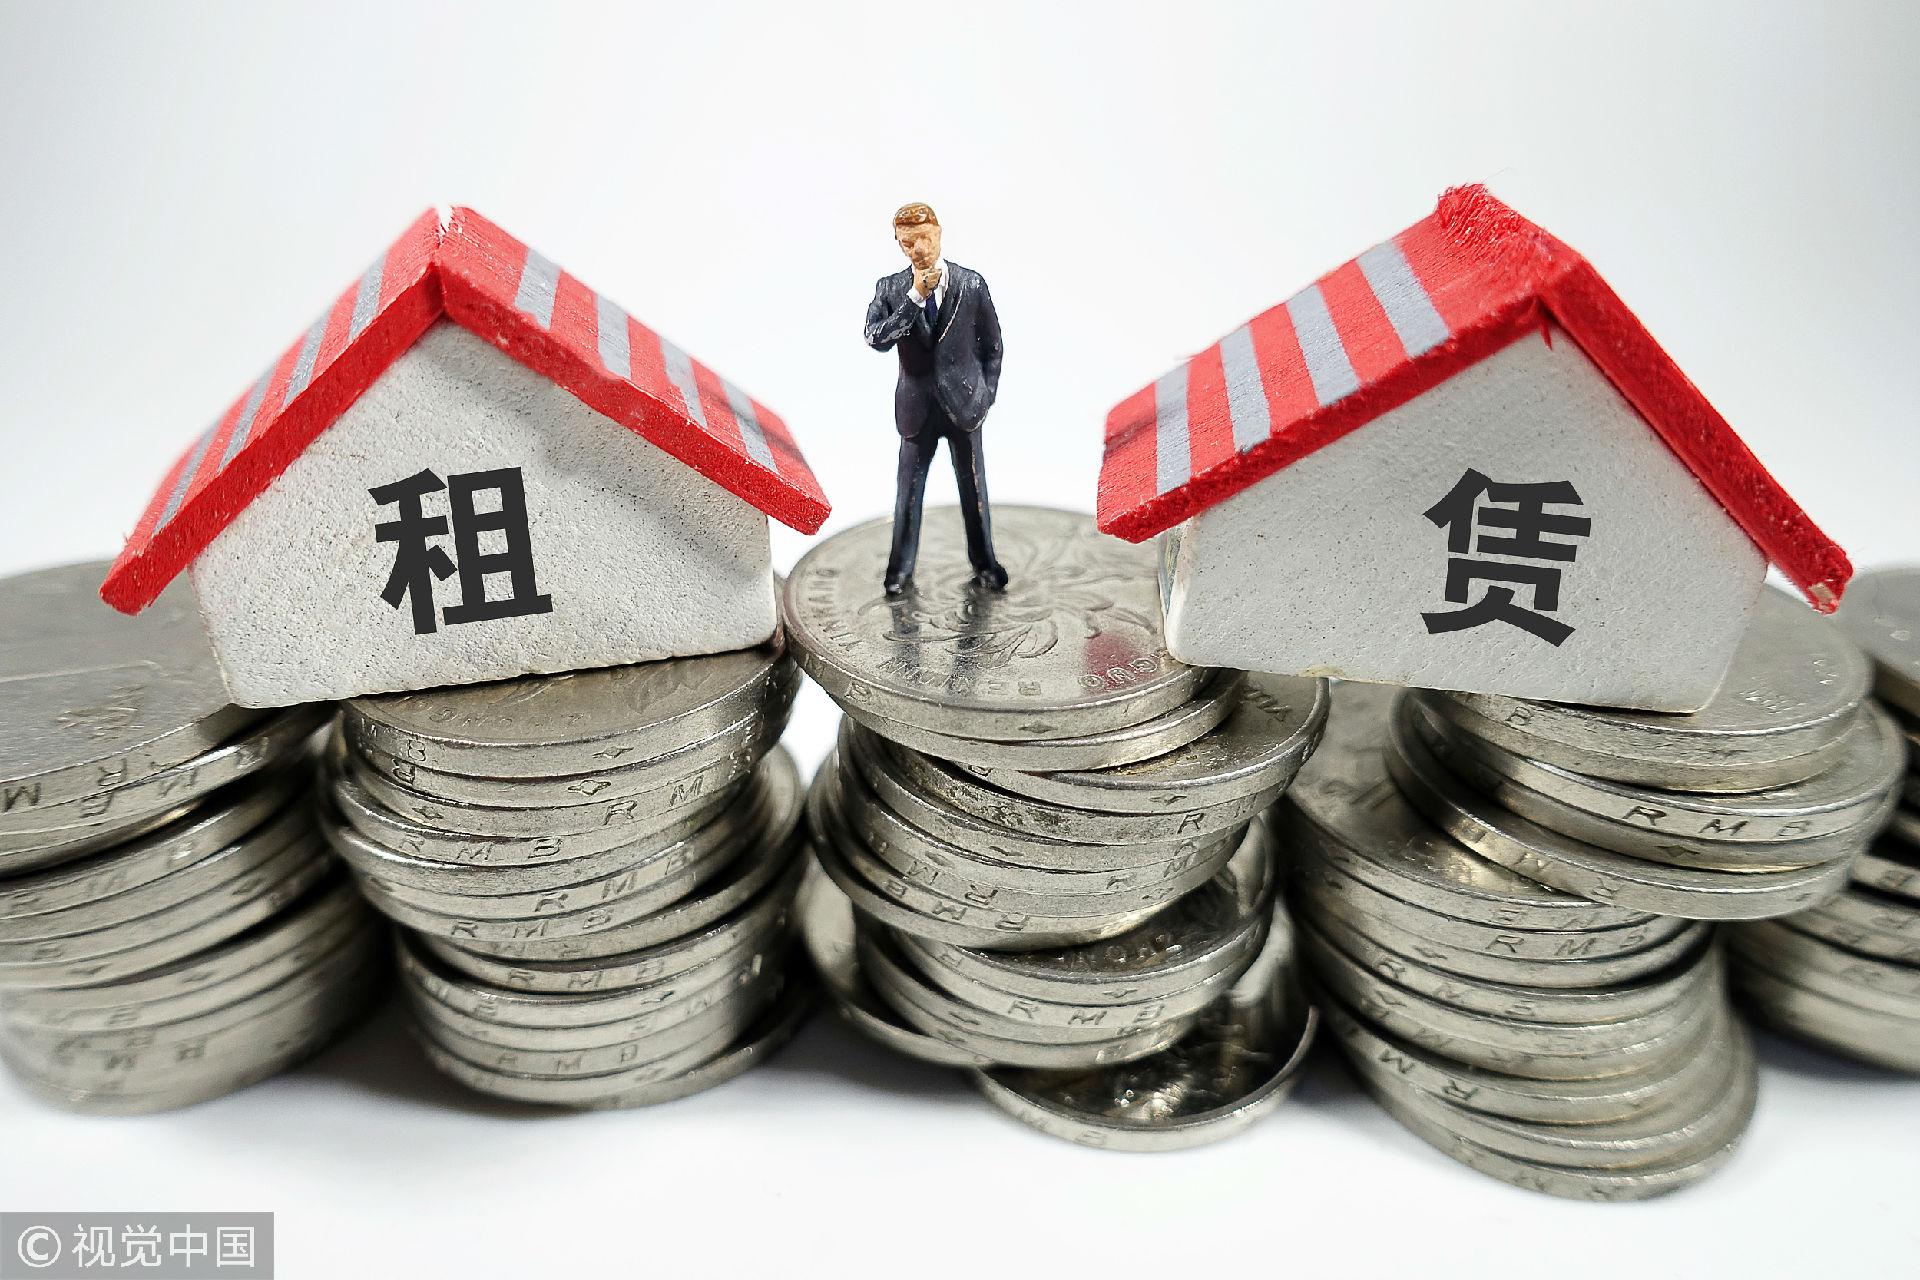 """北京市多部门调查取证""""租房贷"""",一旦查实将从重处罚"""